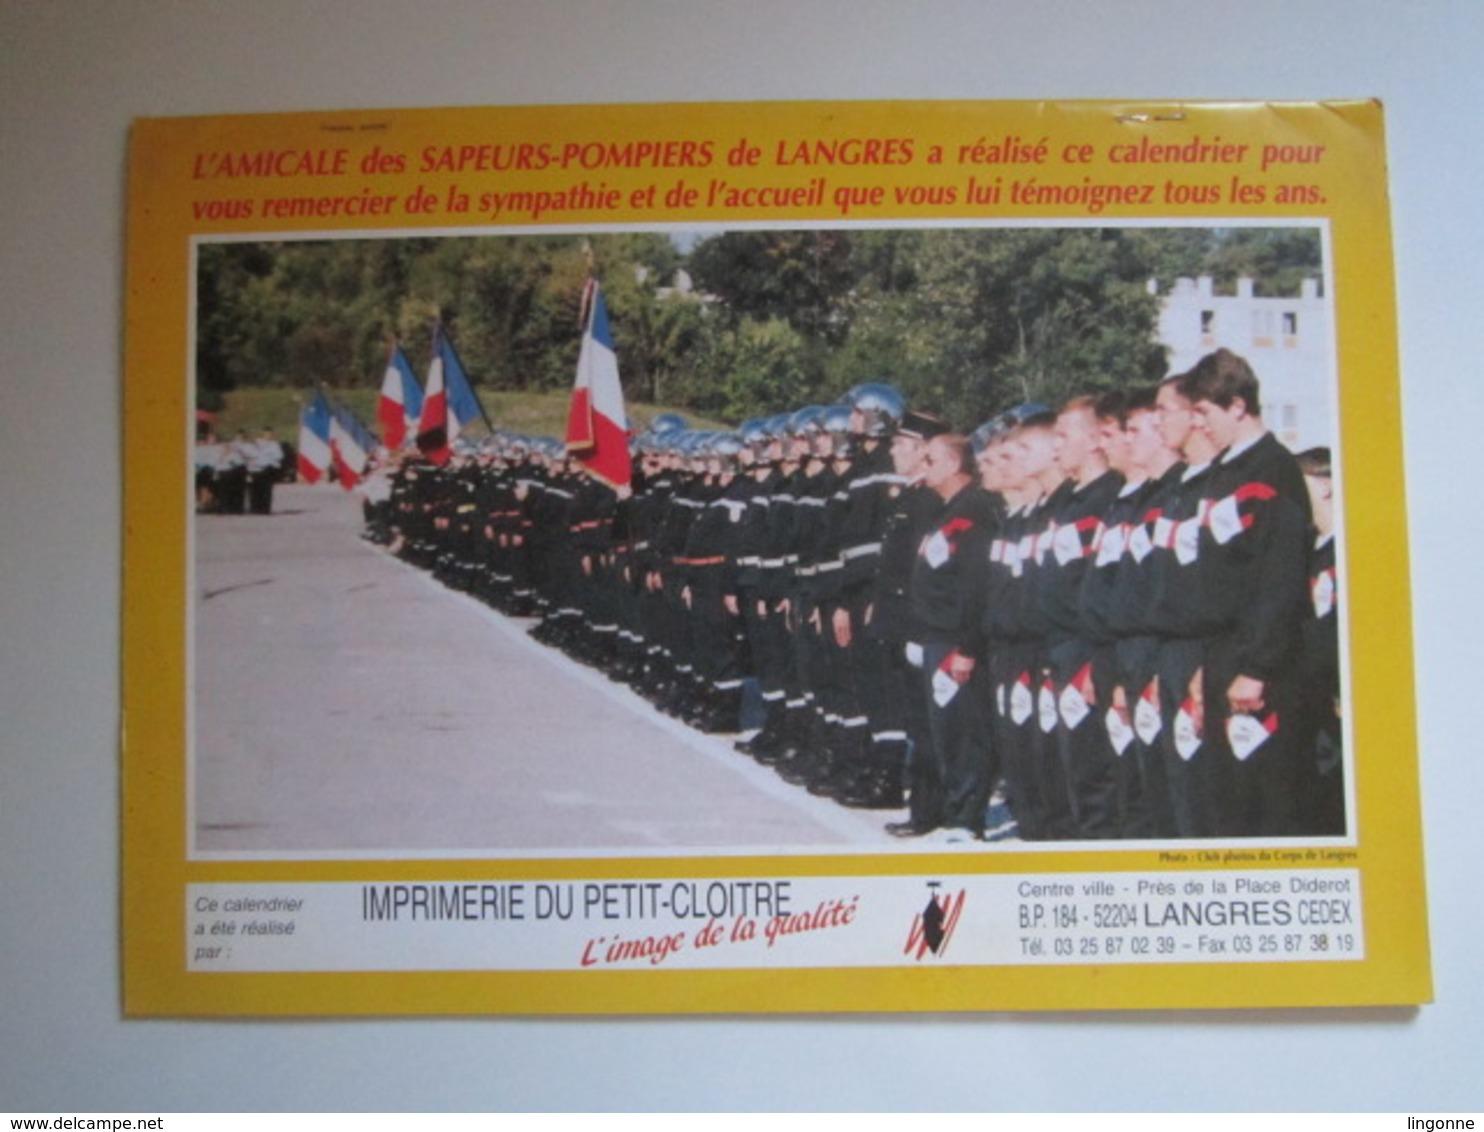 1998 Le Calendrier Des Sapeurs Pompiers De LANGRES - Calendriers